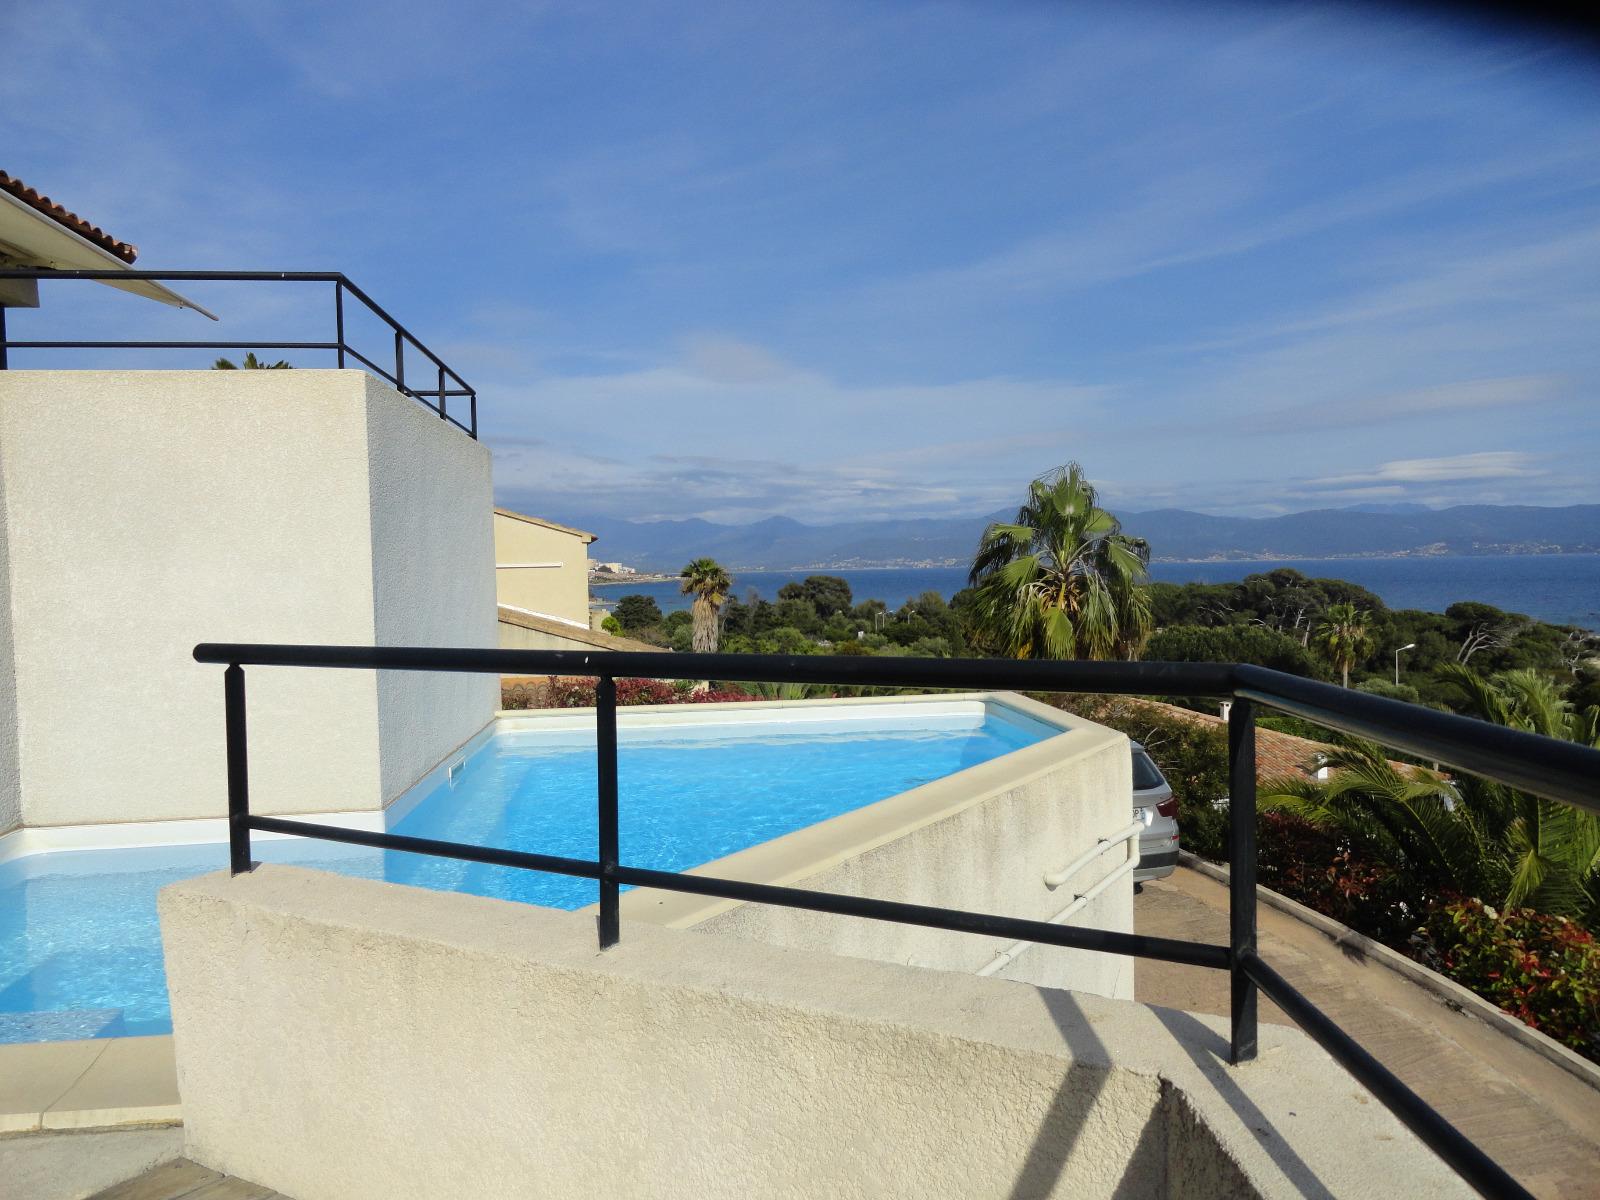 Corse du sud villa d 39 architecte vue mer exceptionnelle for Achat maison corse du sud